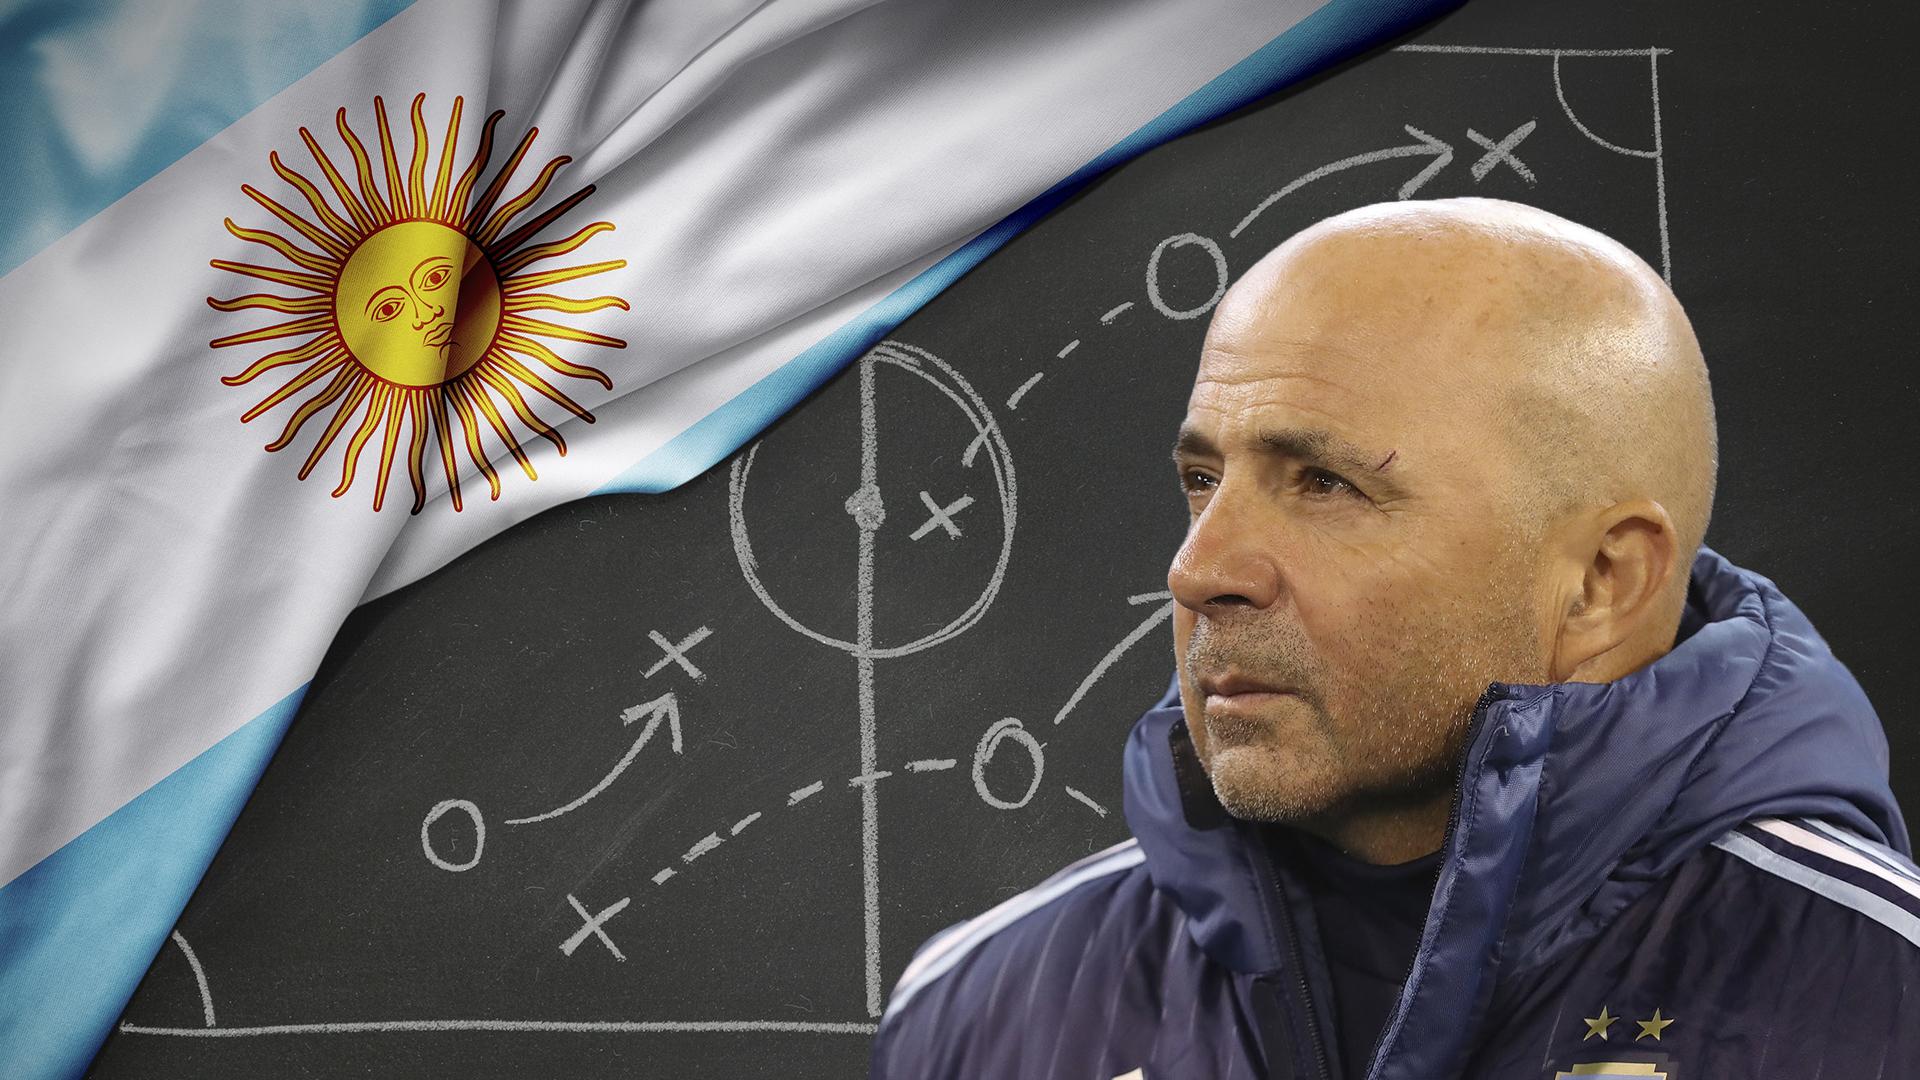 El entrenador Jorge Sampaoli dará a conocer la lista de 35preseleccionados de la Argentina para elMundial de Rusia 2018